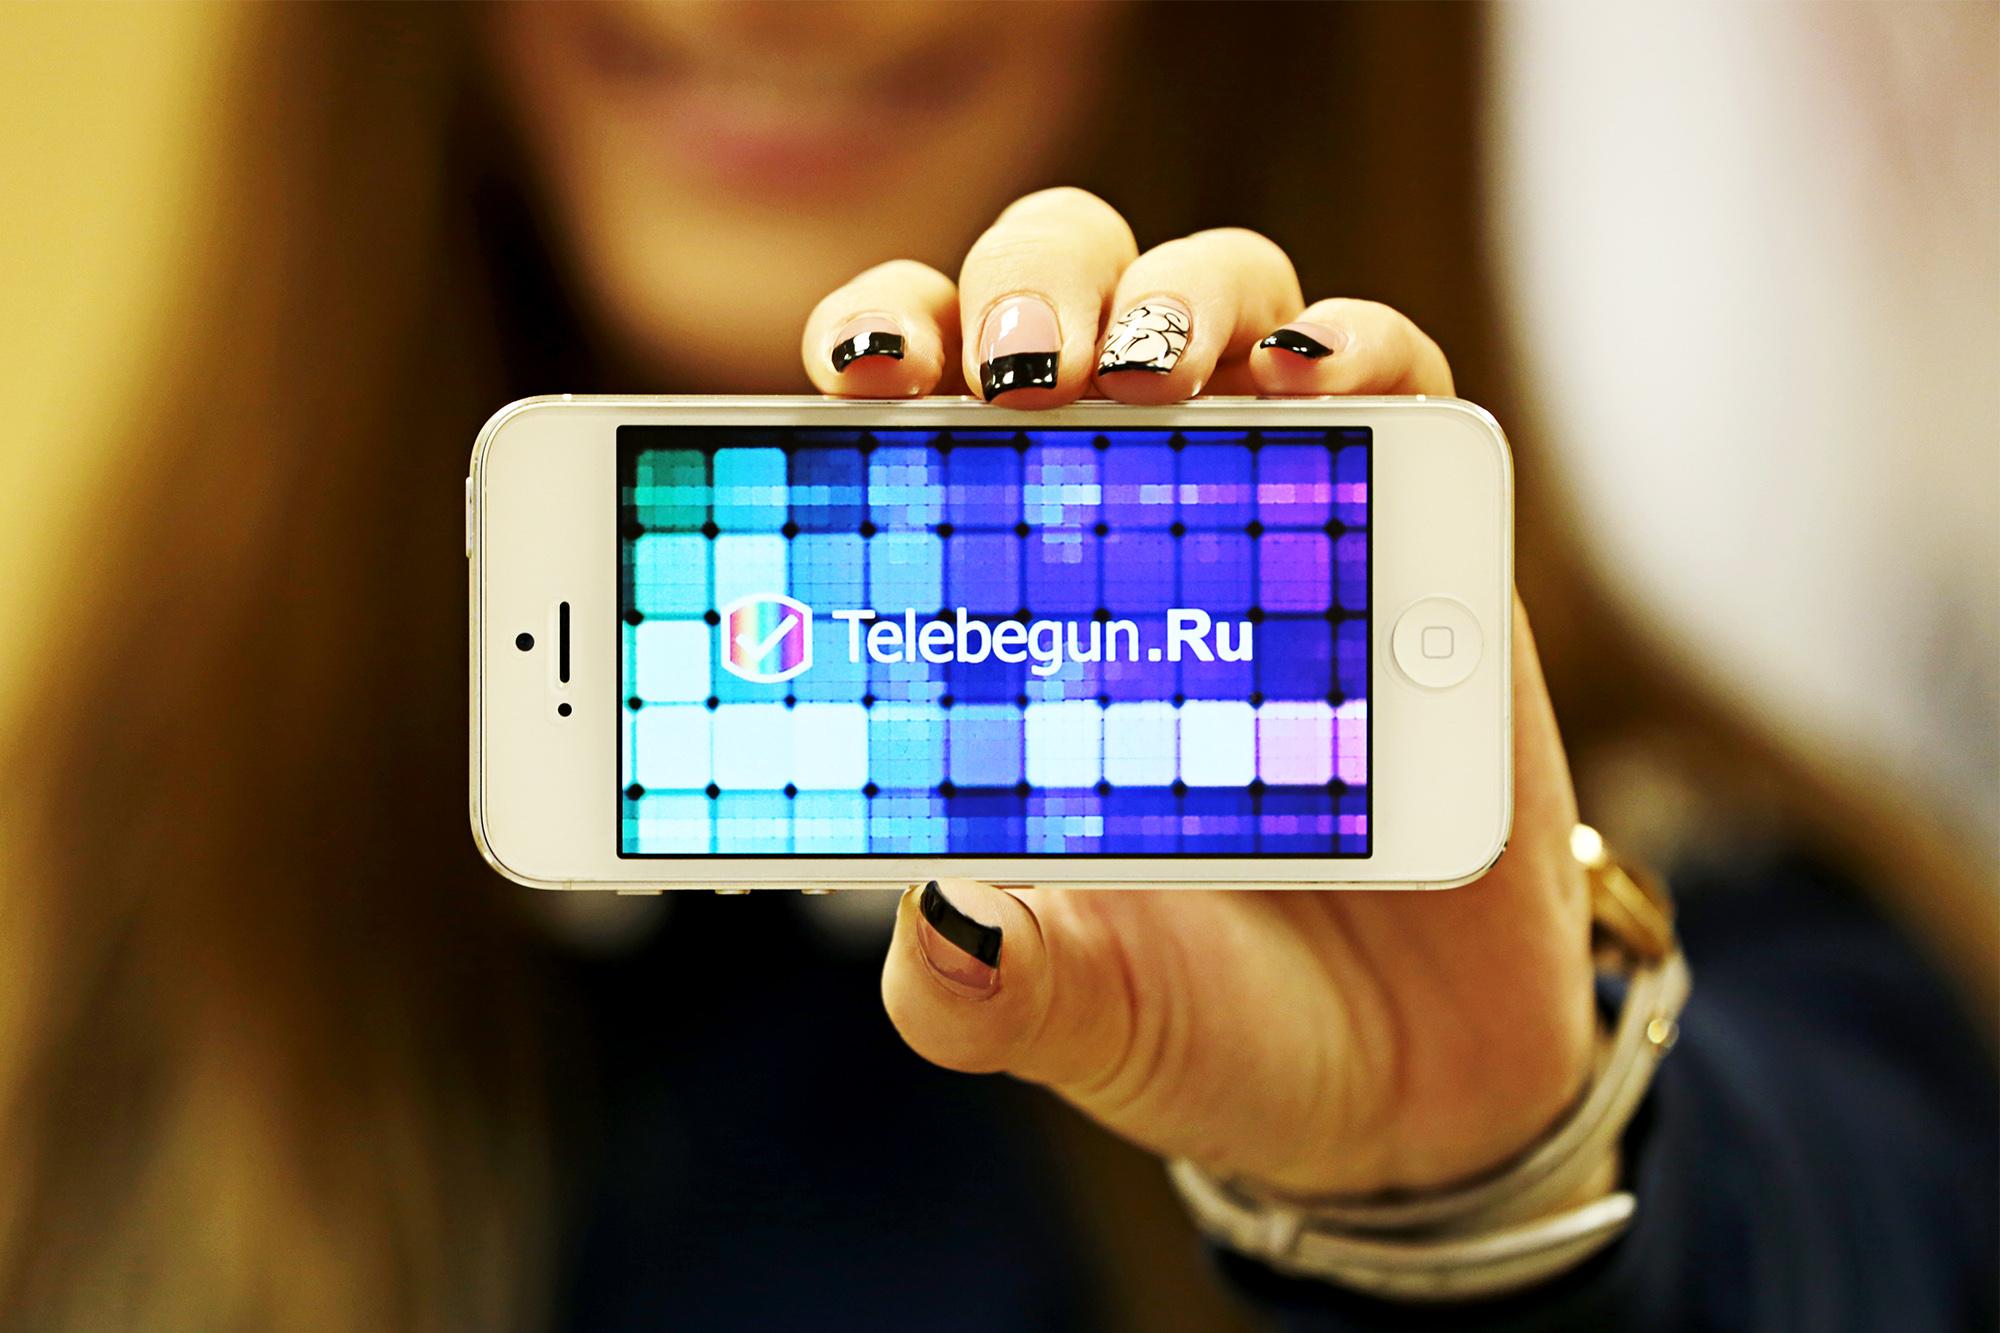 Telebegun 01 small Бегущая строка на ТВ – оптимальный способ поиска персонала